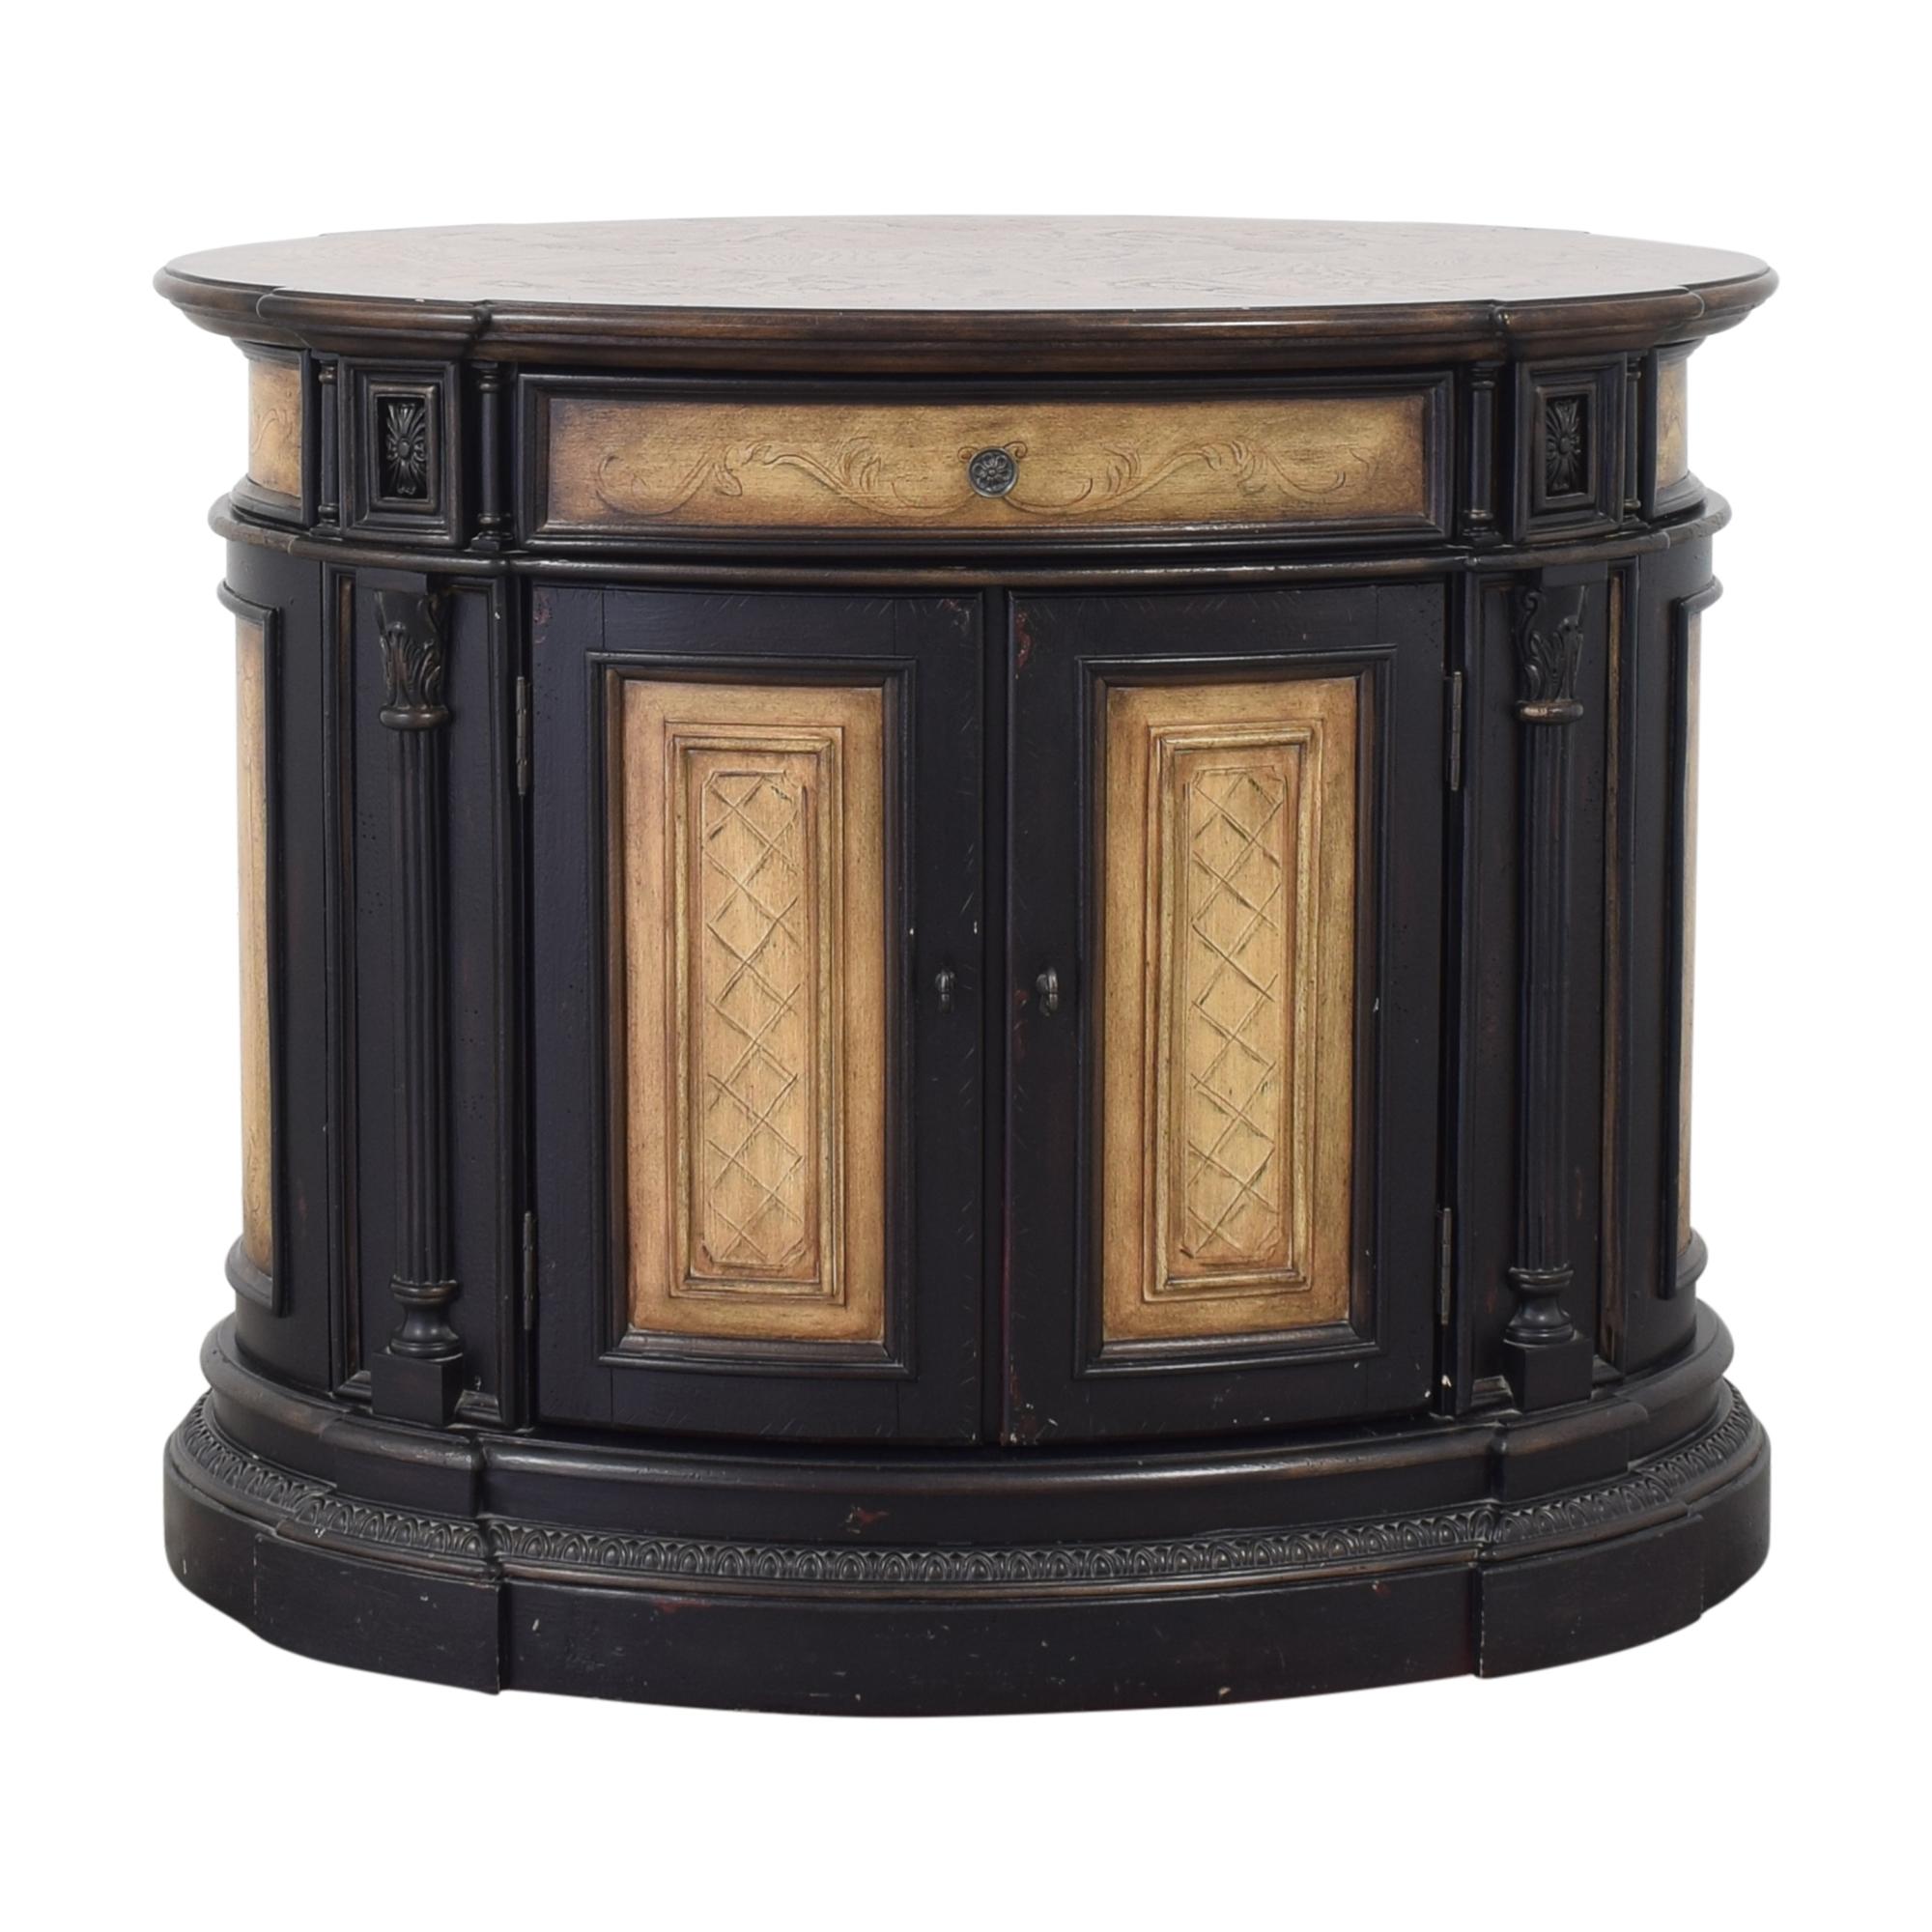 Hooker Furniture Hooker Furniture Oval Sideboard dimensions